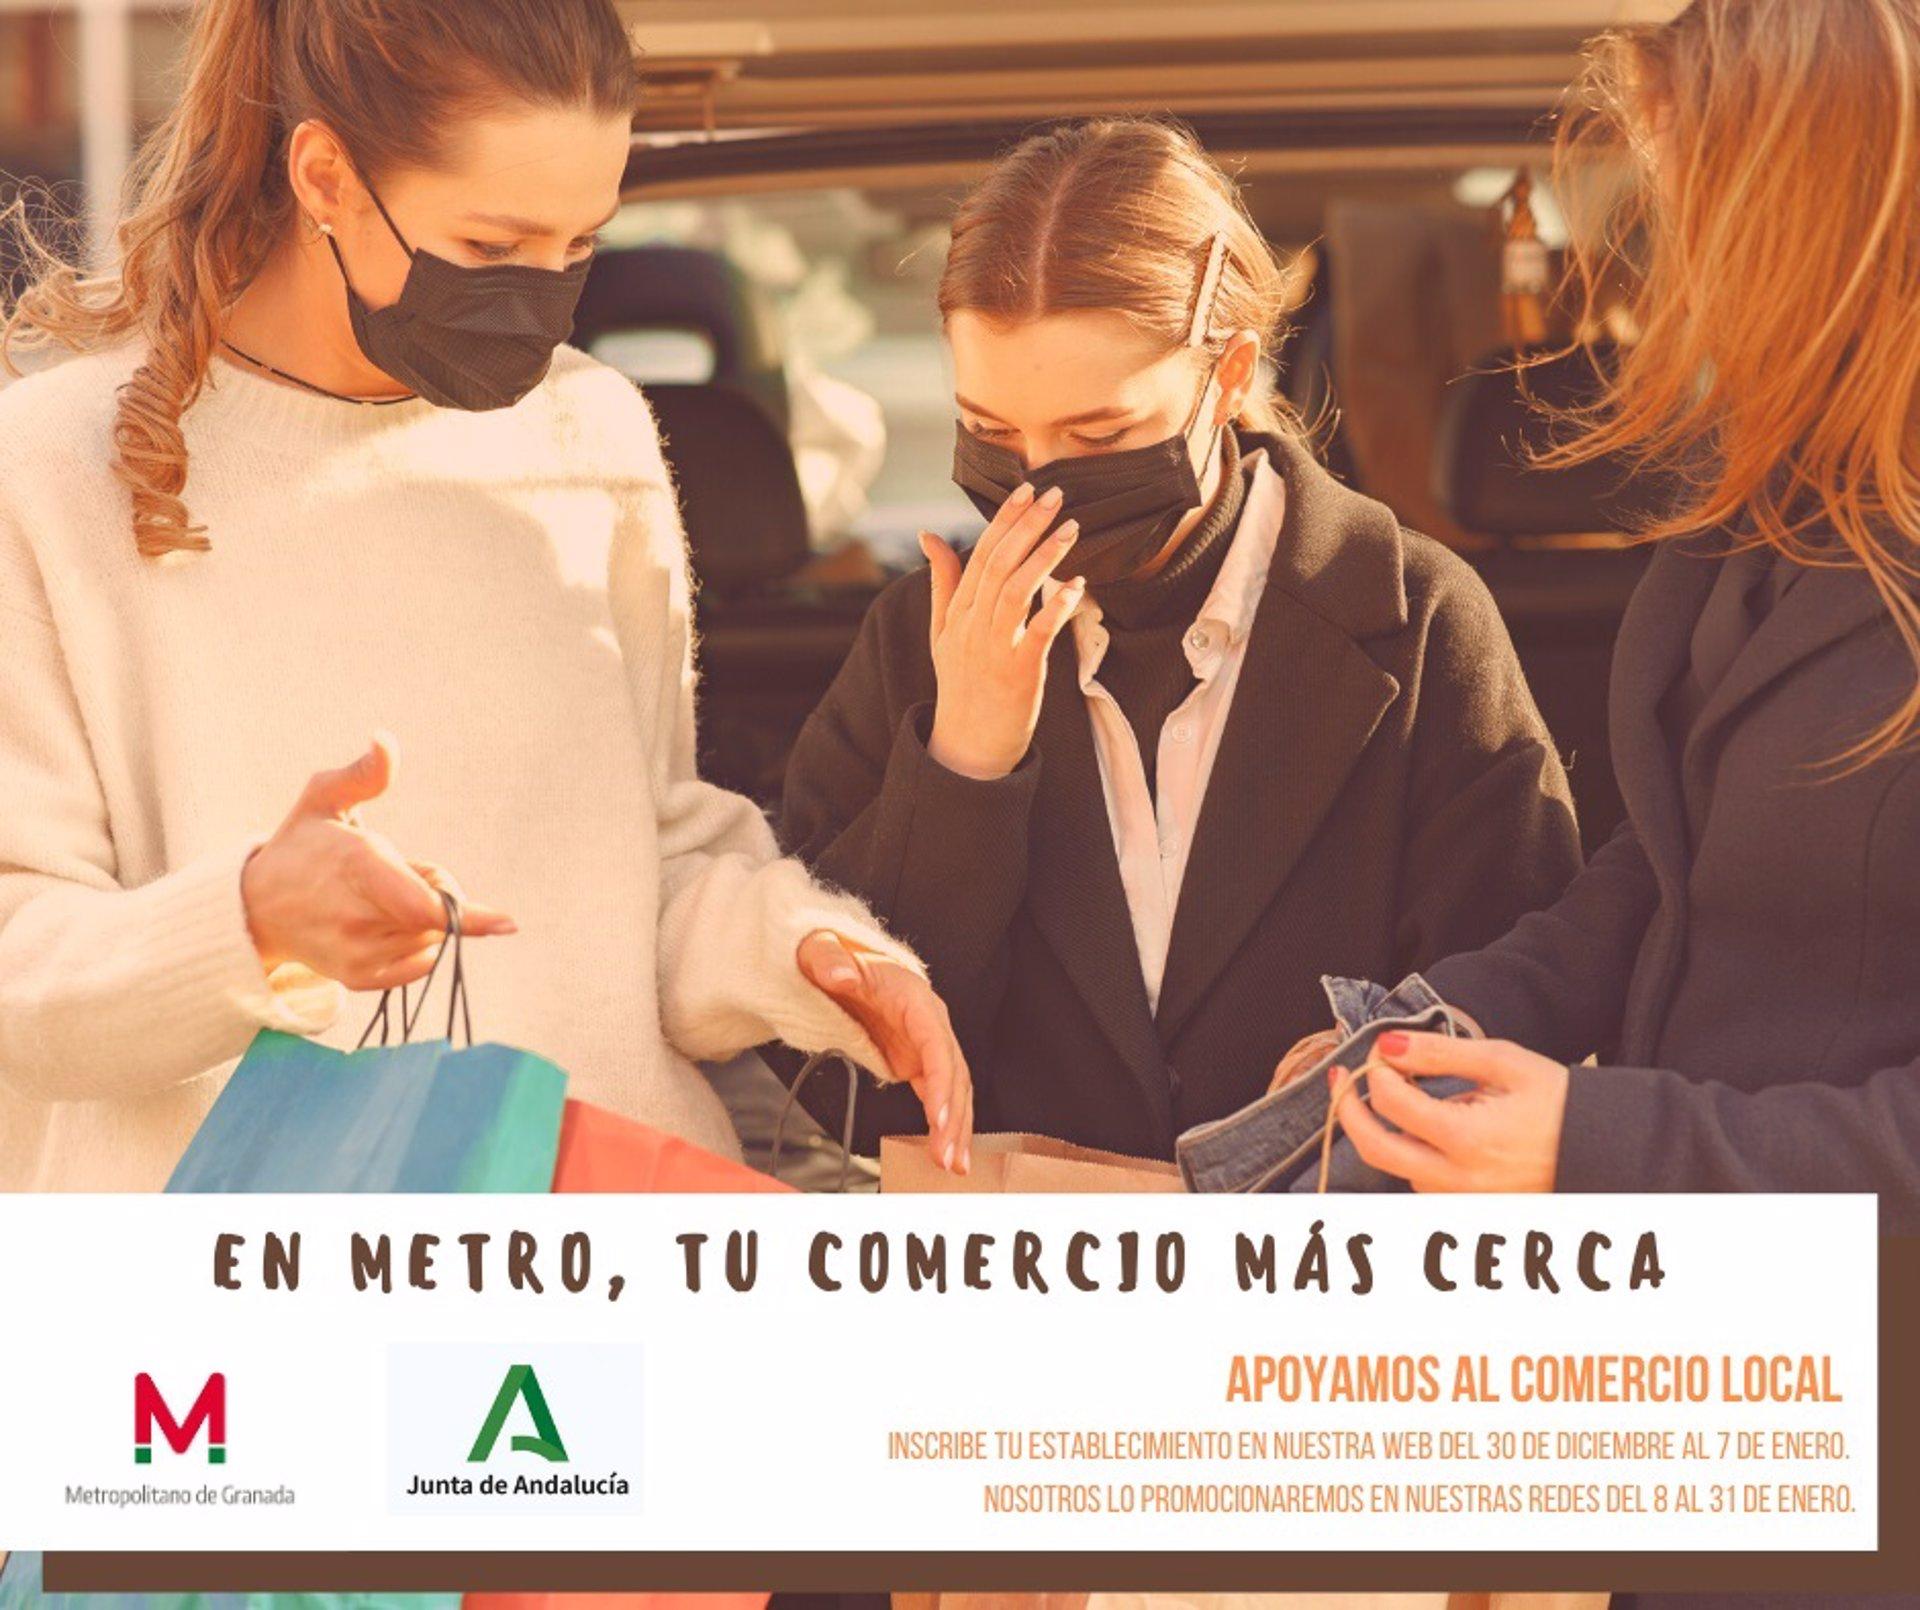 Campaña publicitaria de Metro Granada para la promoción del comercio local